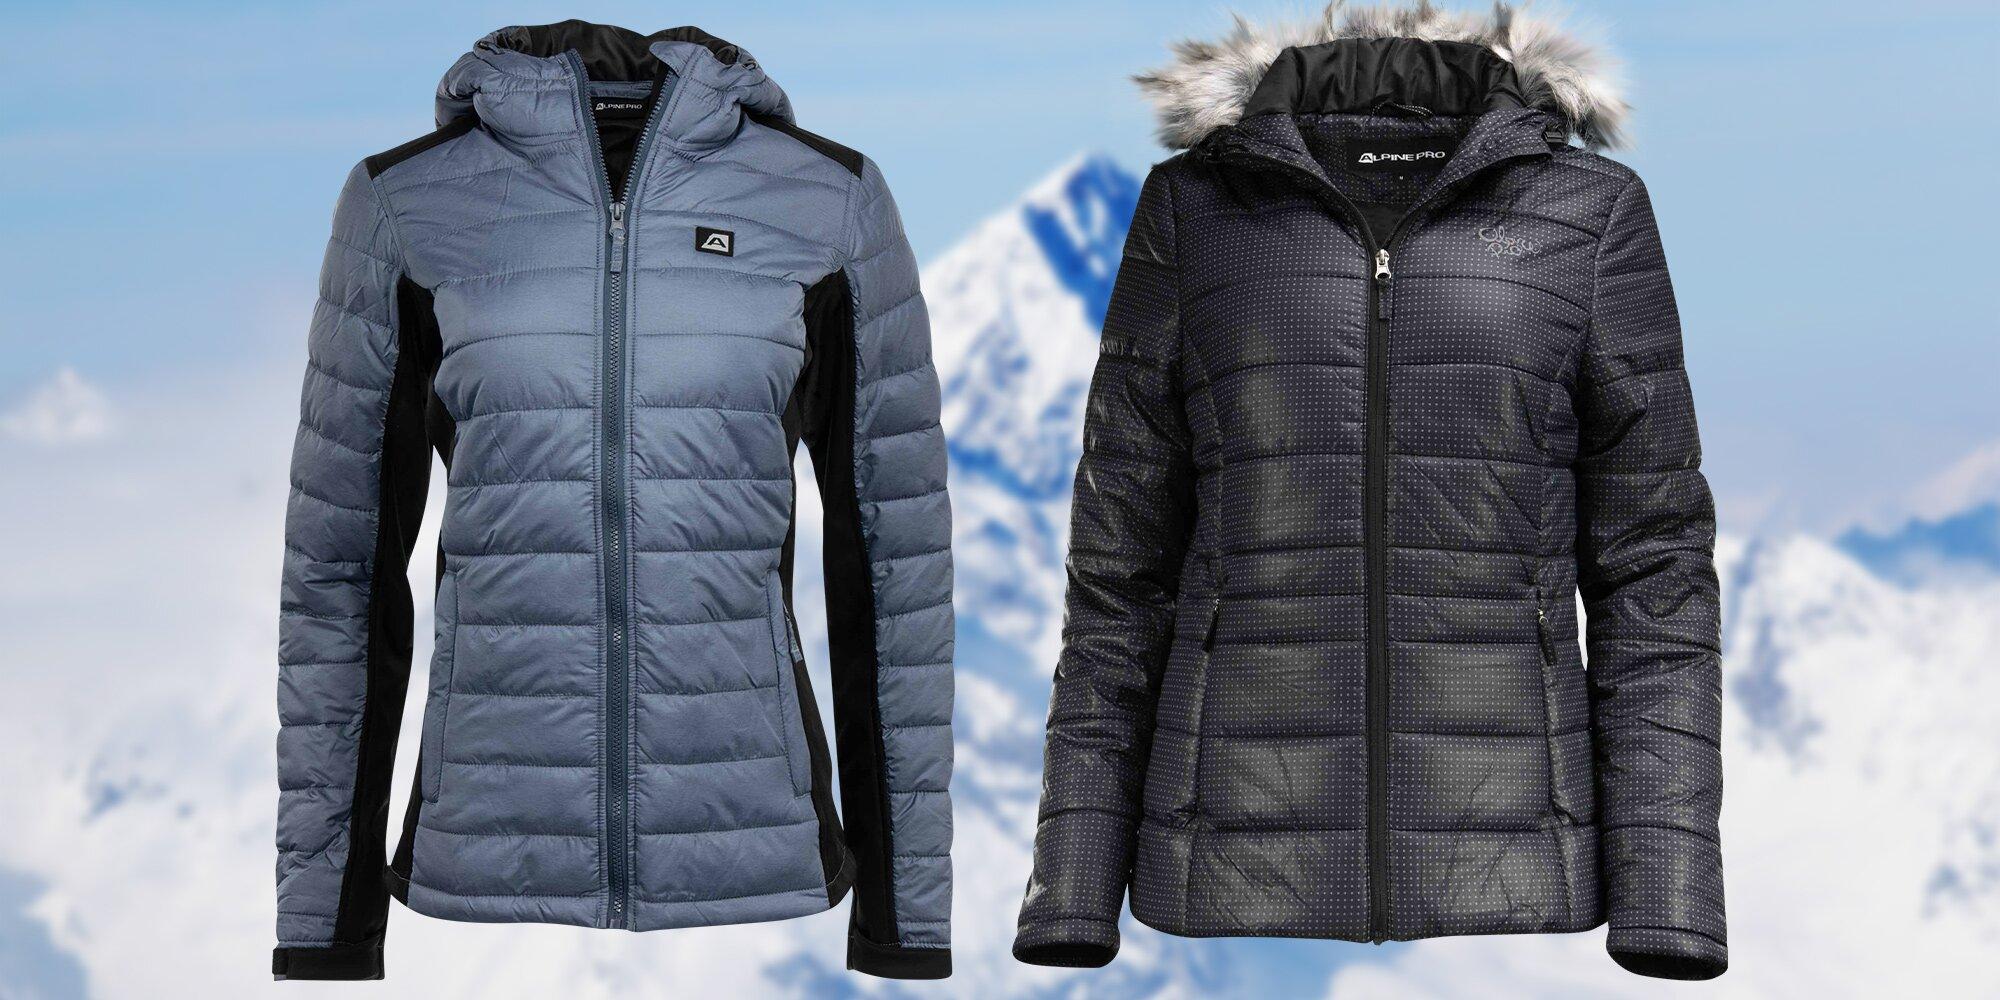 6459d61f78e Dámské bundy Alpine Pro  modrá i černá